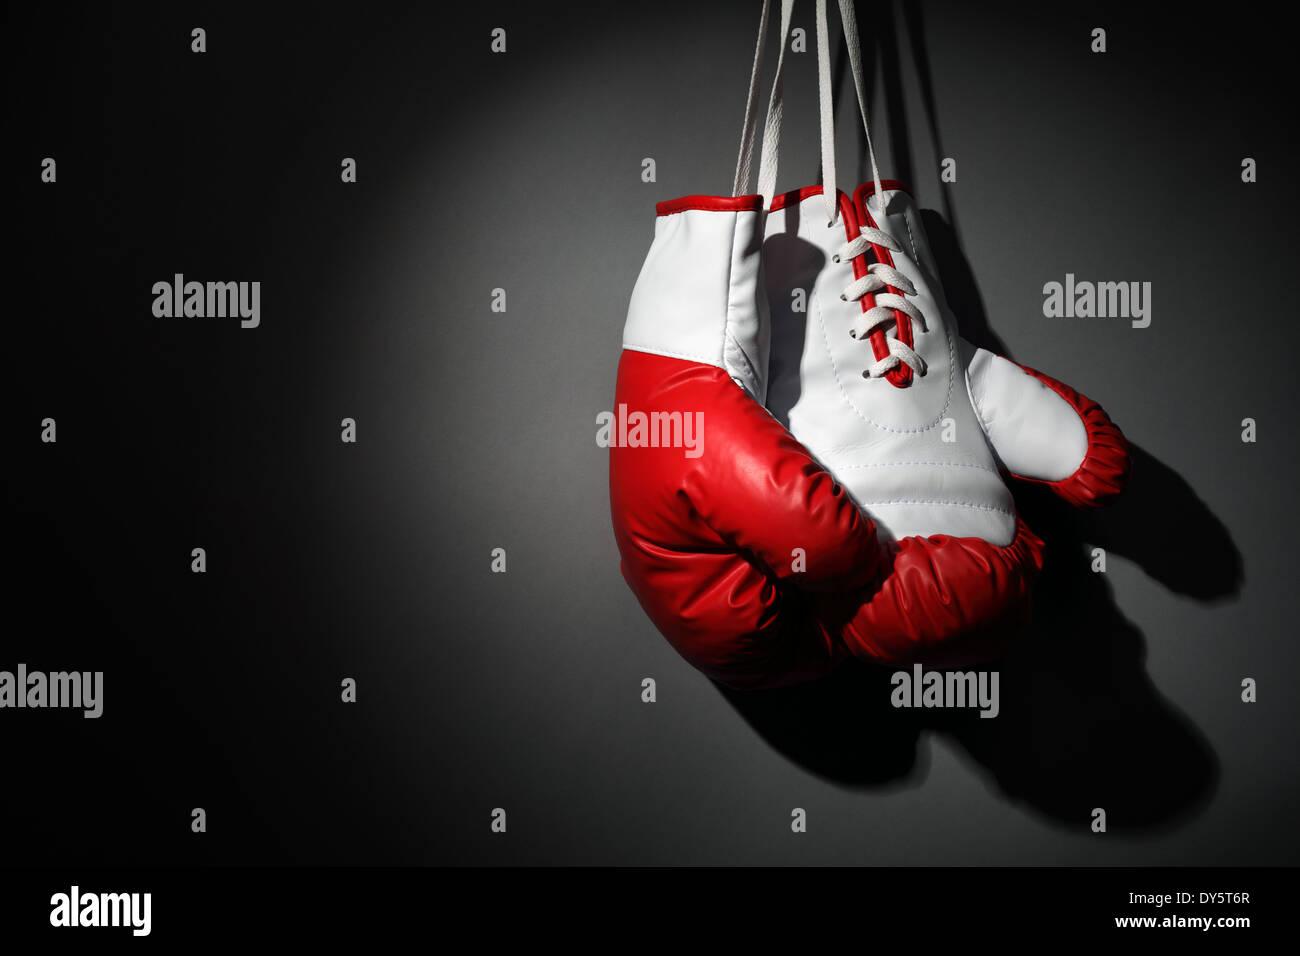 Hängen Sie Ihre Boxhandschuhe Stockbild